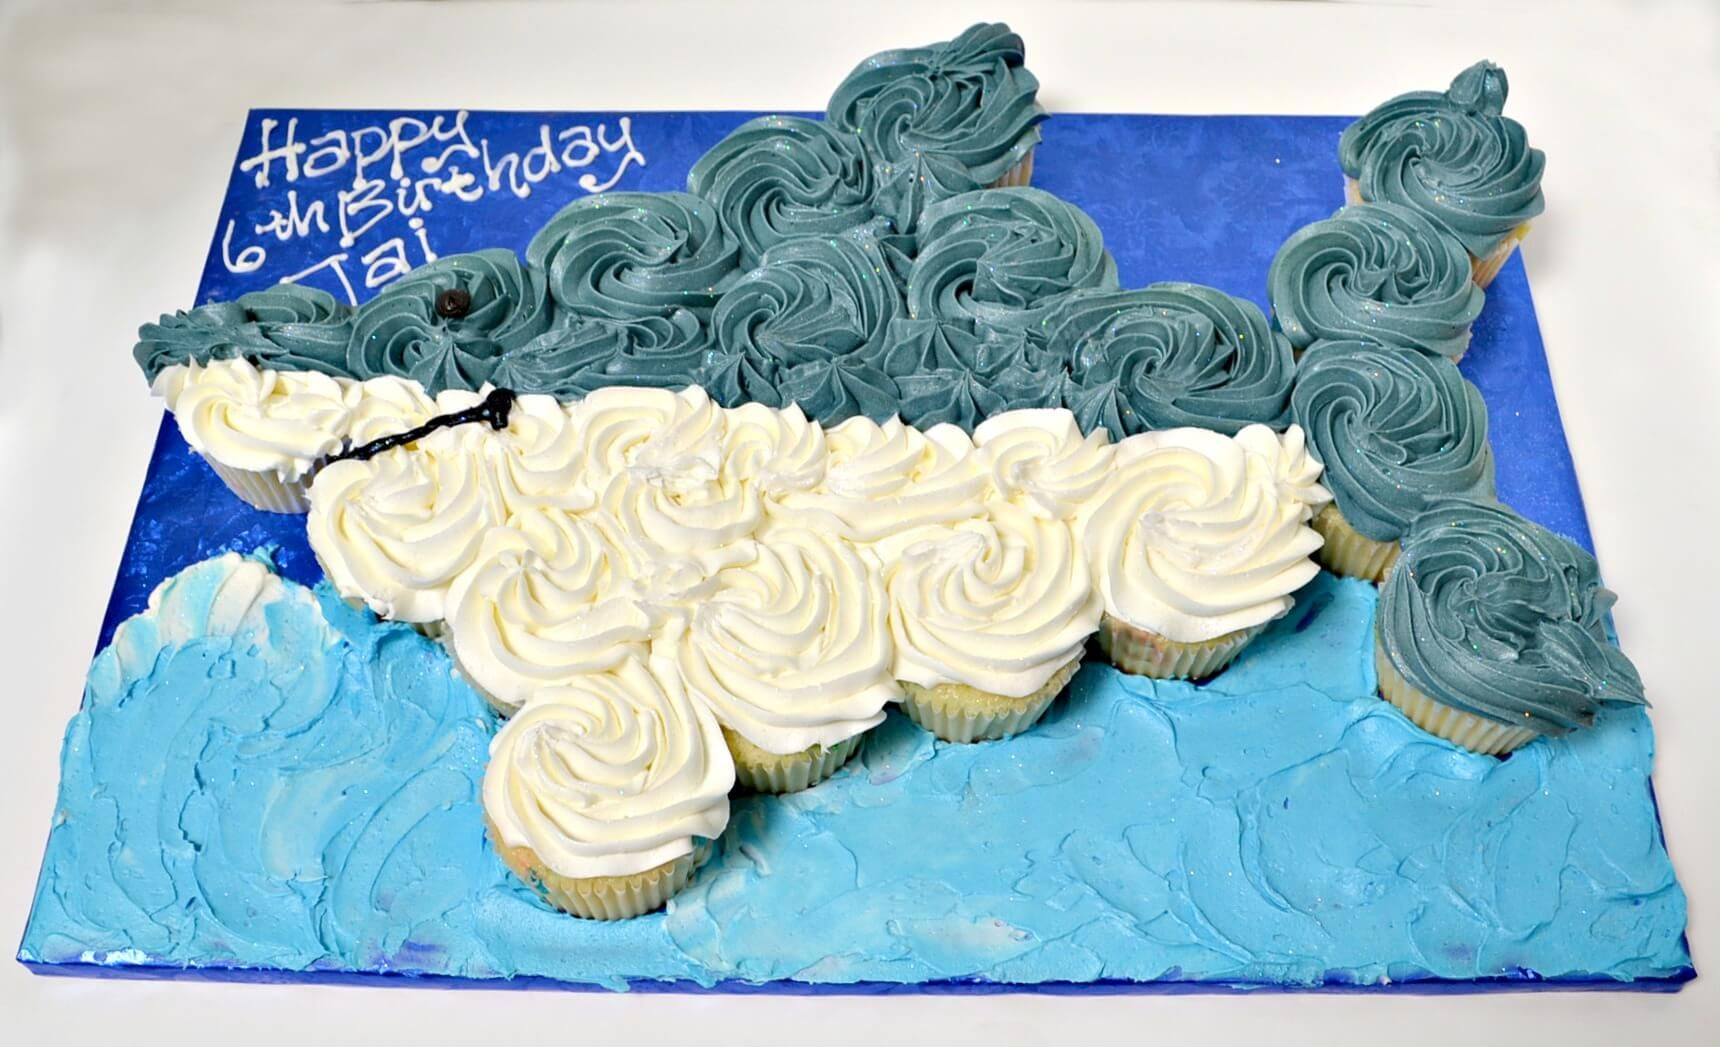 Shark Cupcake Cake Birthday Cakes Cupcakes 4th Ideas